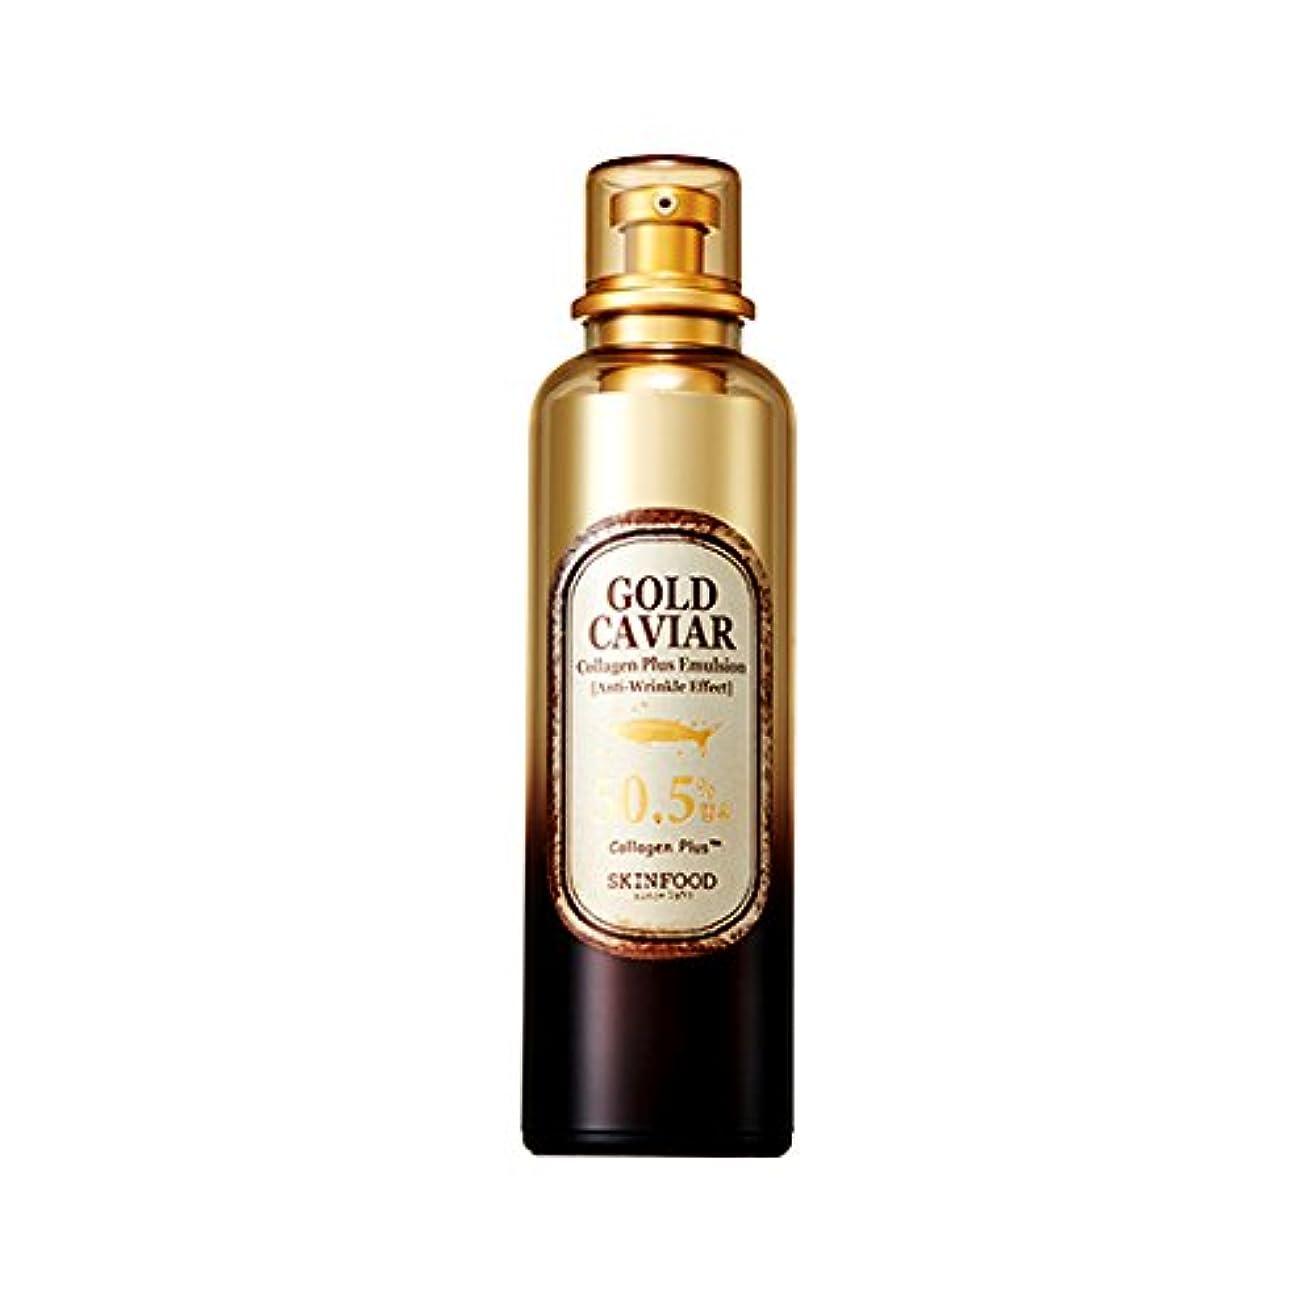 噴出するサミット哲学Skinfood ゴールドキャビアコラーゲンプラスエマルジョン/Gold Caviar Collagen Plus Emulsion 120ml [並行輸入品]